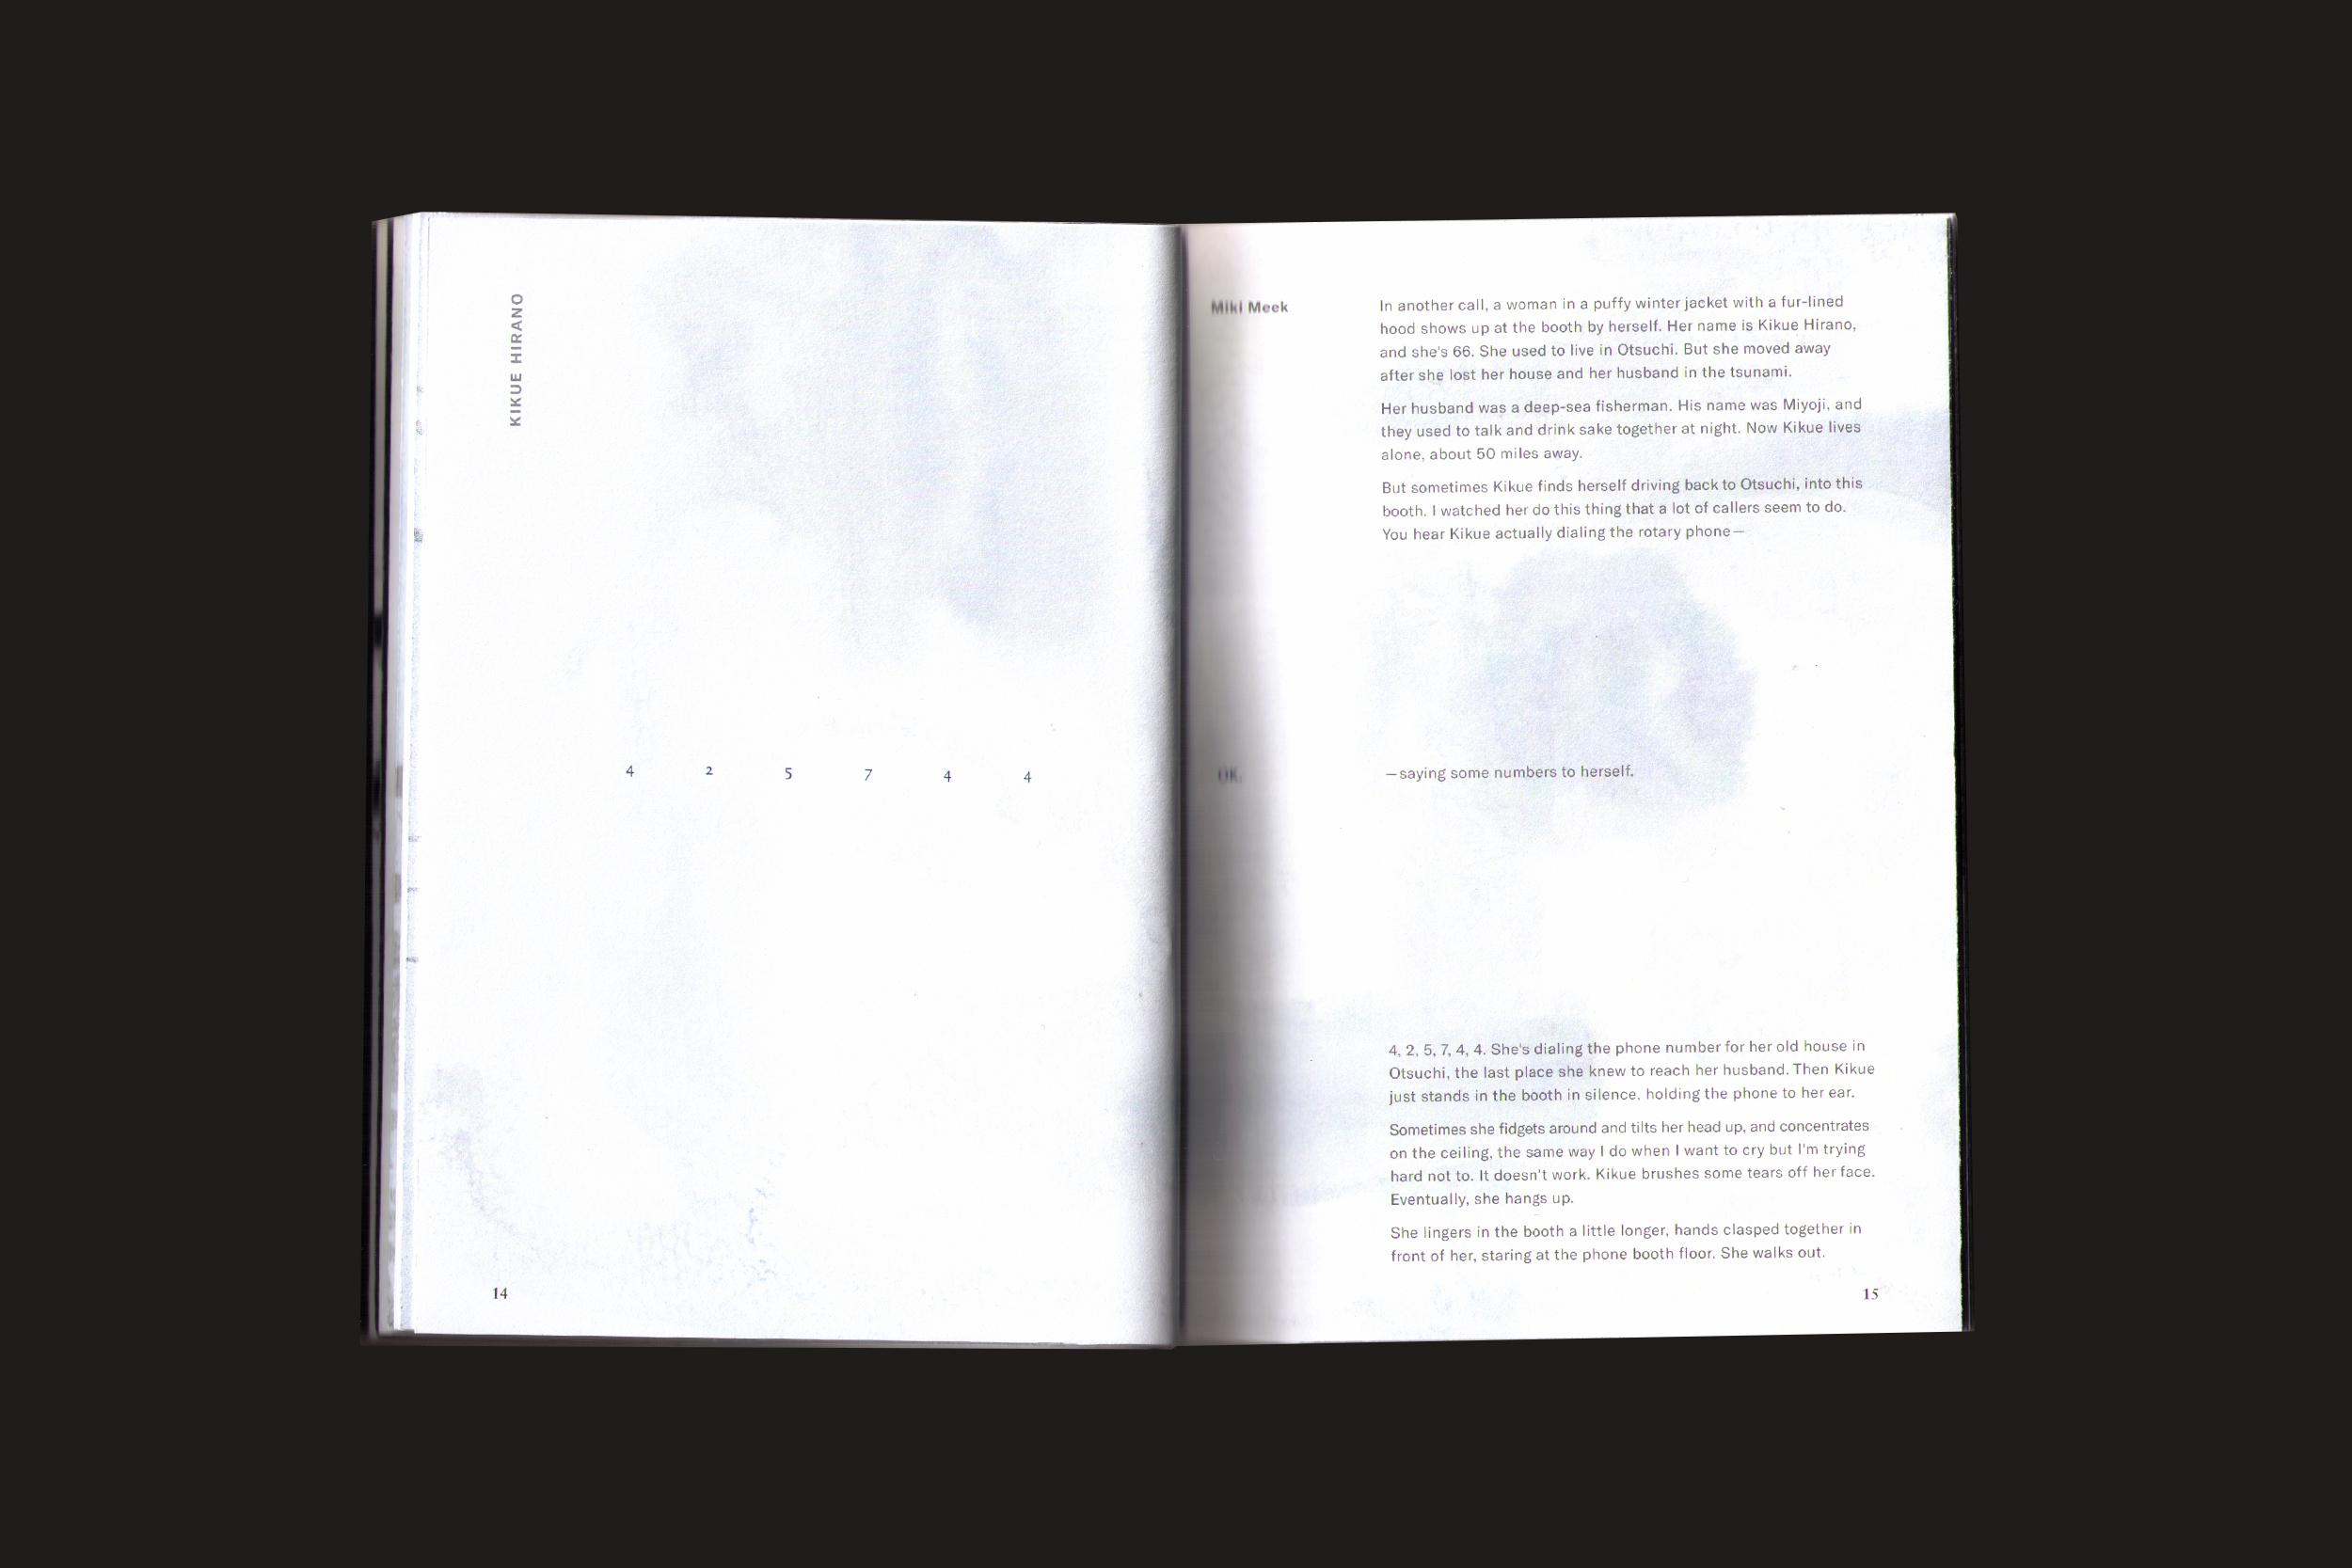 Phone_book11.jpg